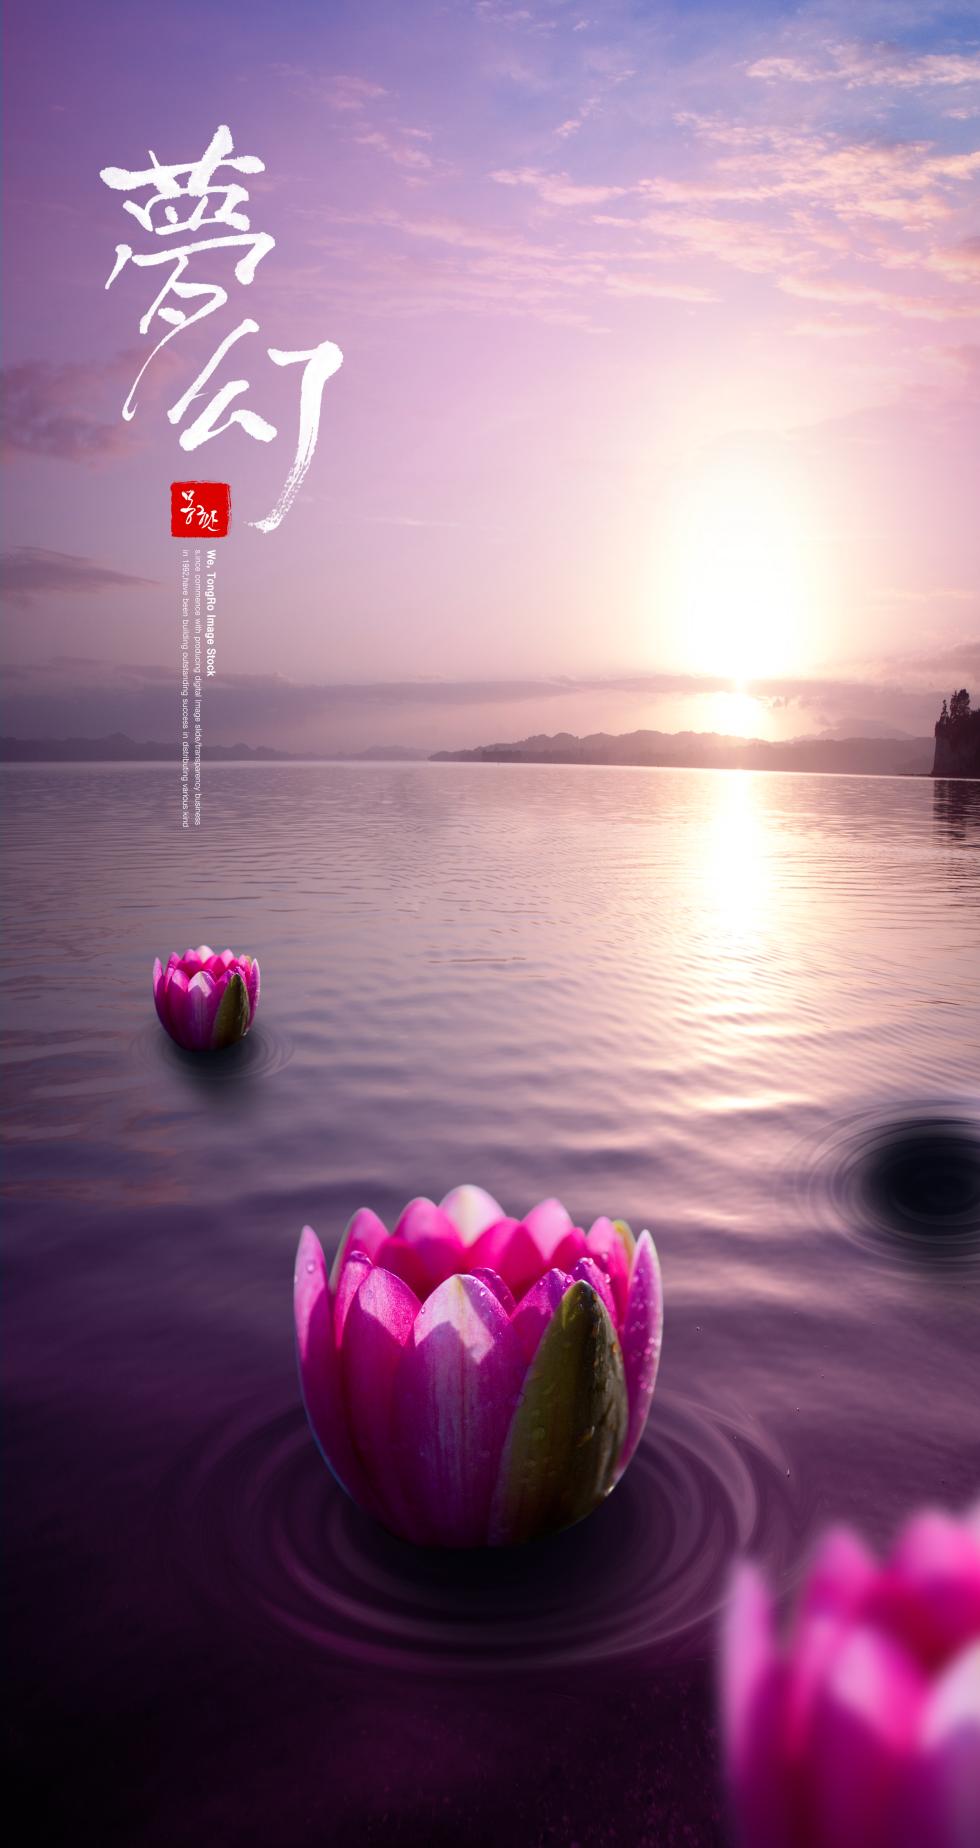 唯美夕阳大海梦幻中国风装饰插画海报